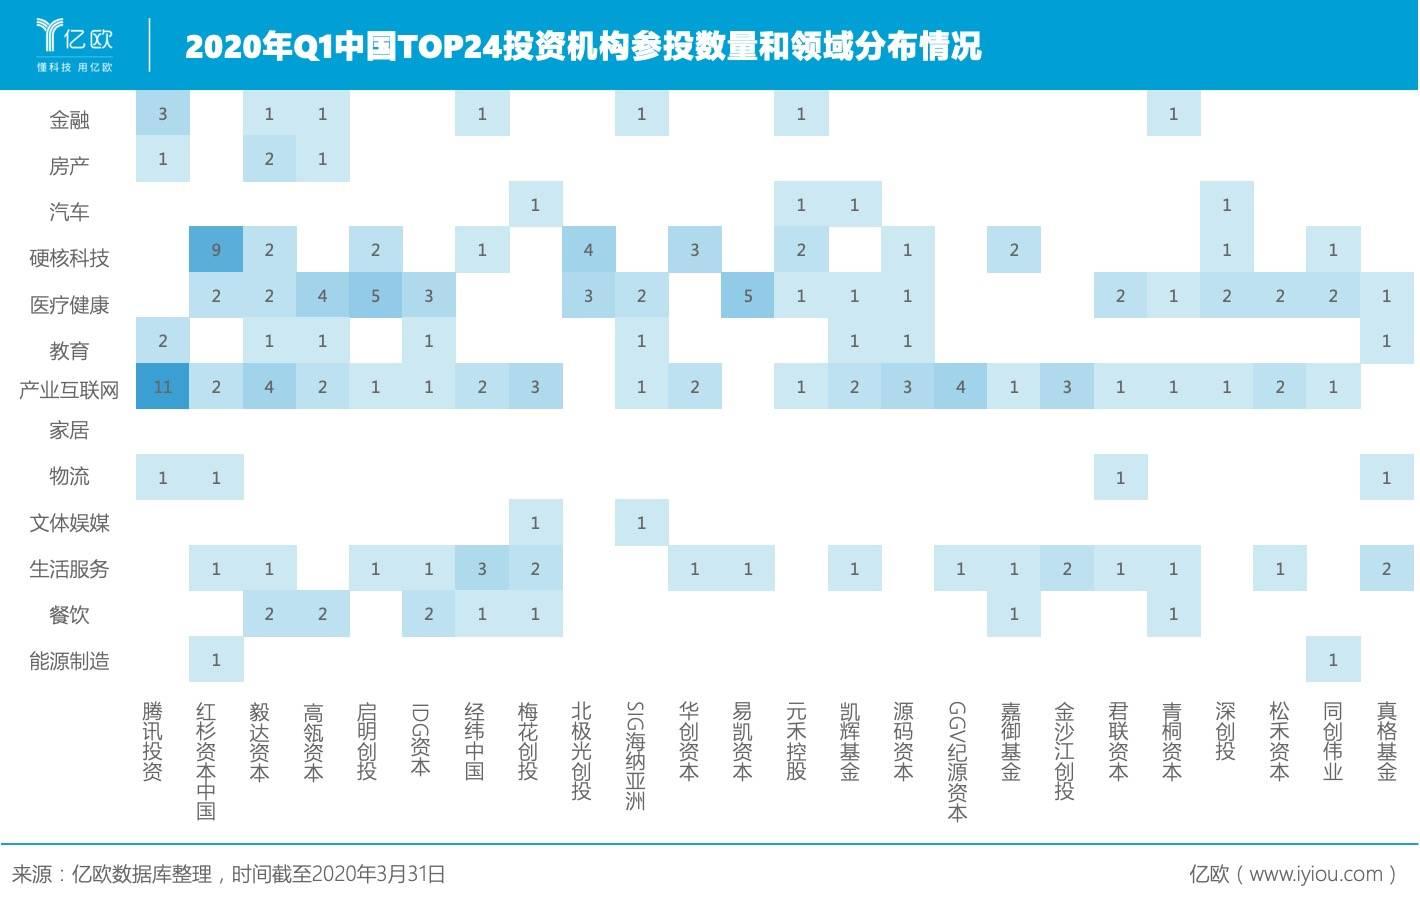 2020年Q1中国TOP24投资机构参投数目和四周分布情况.jpeg